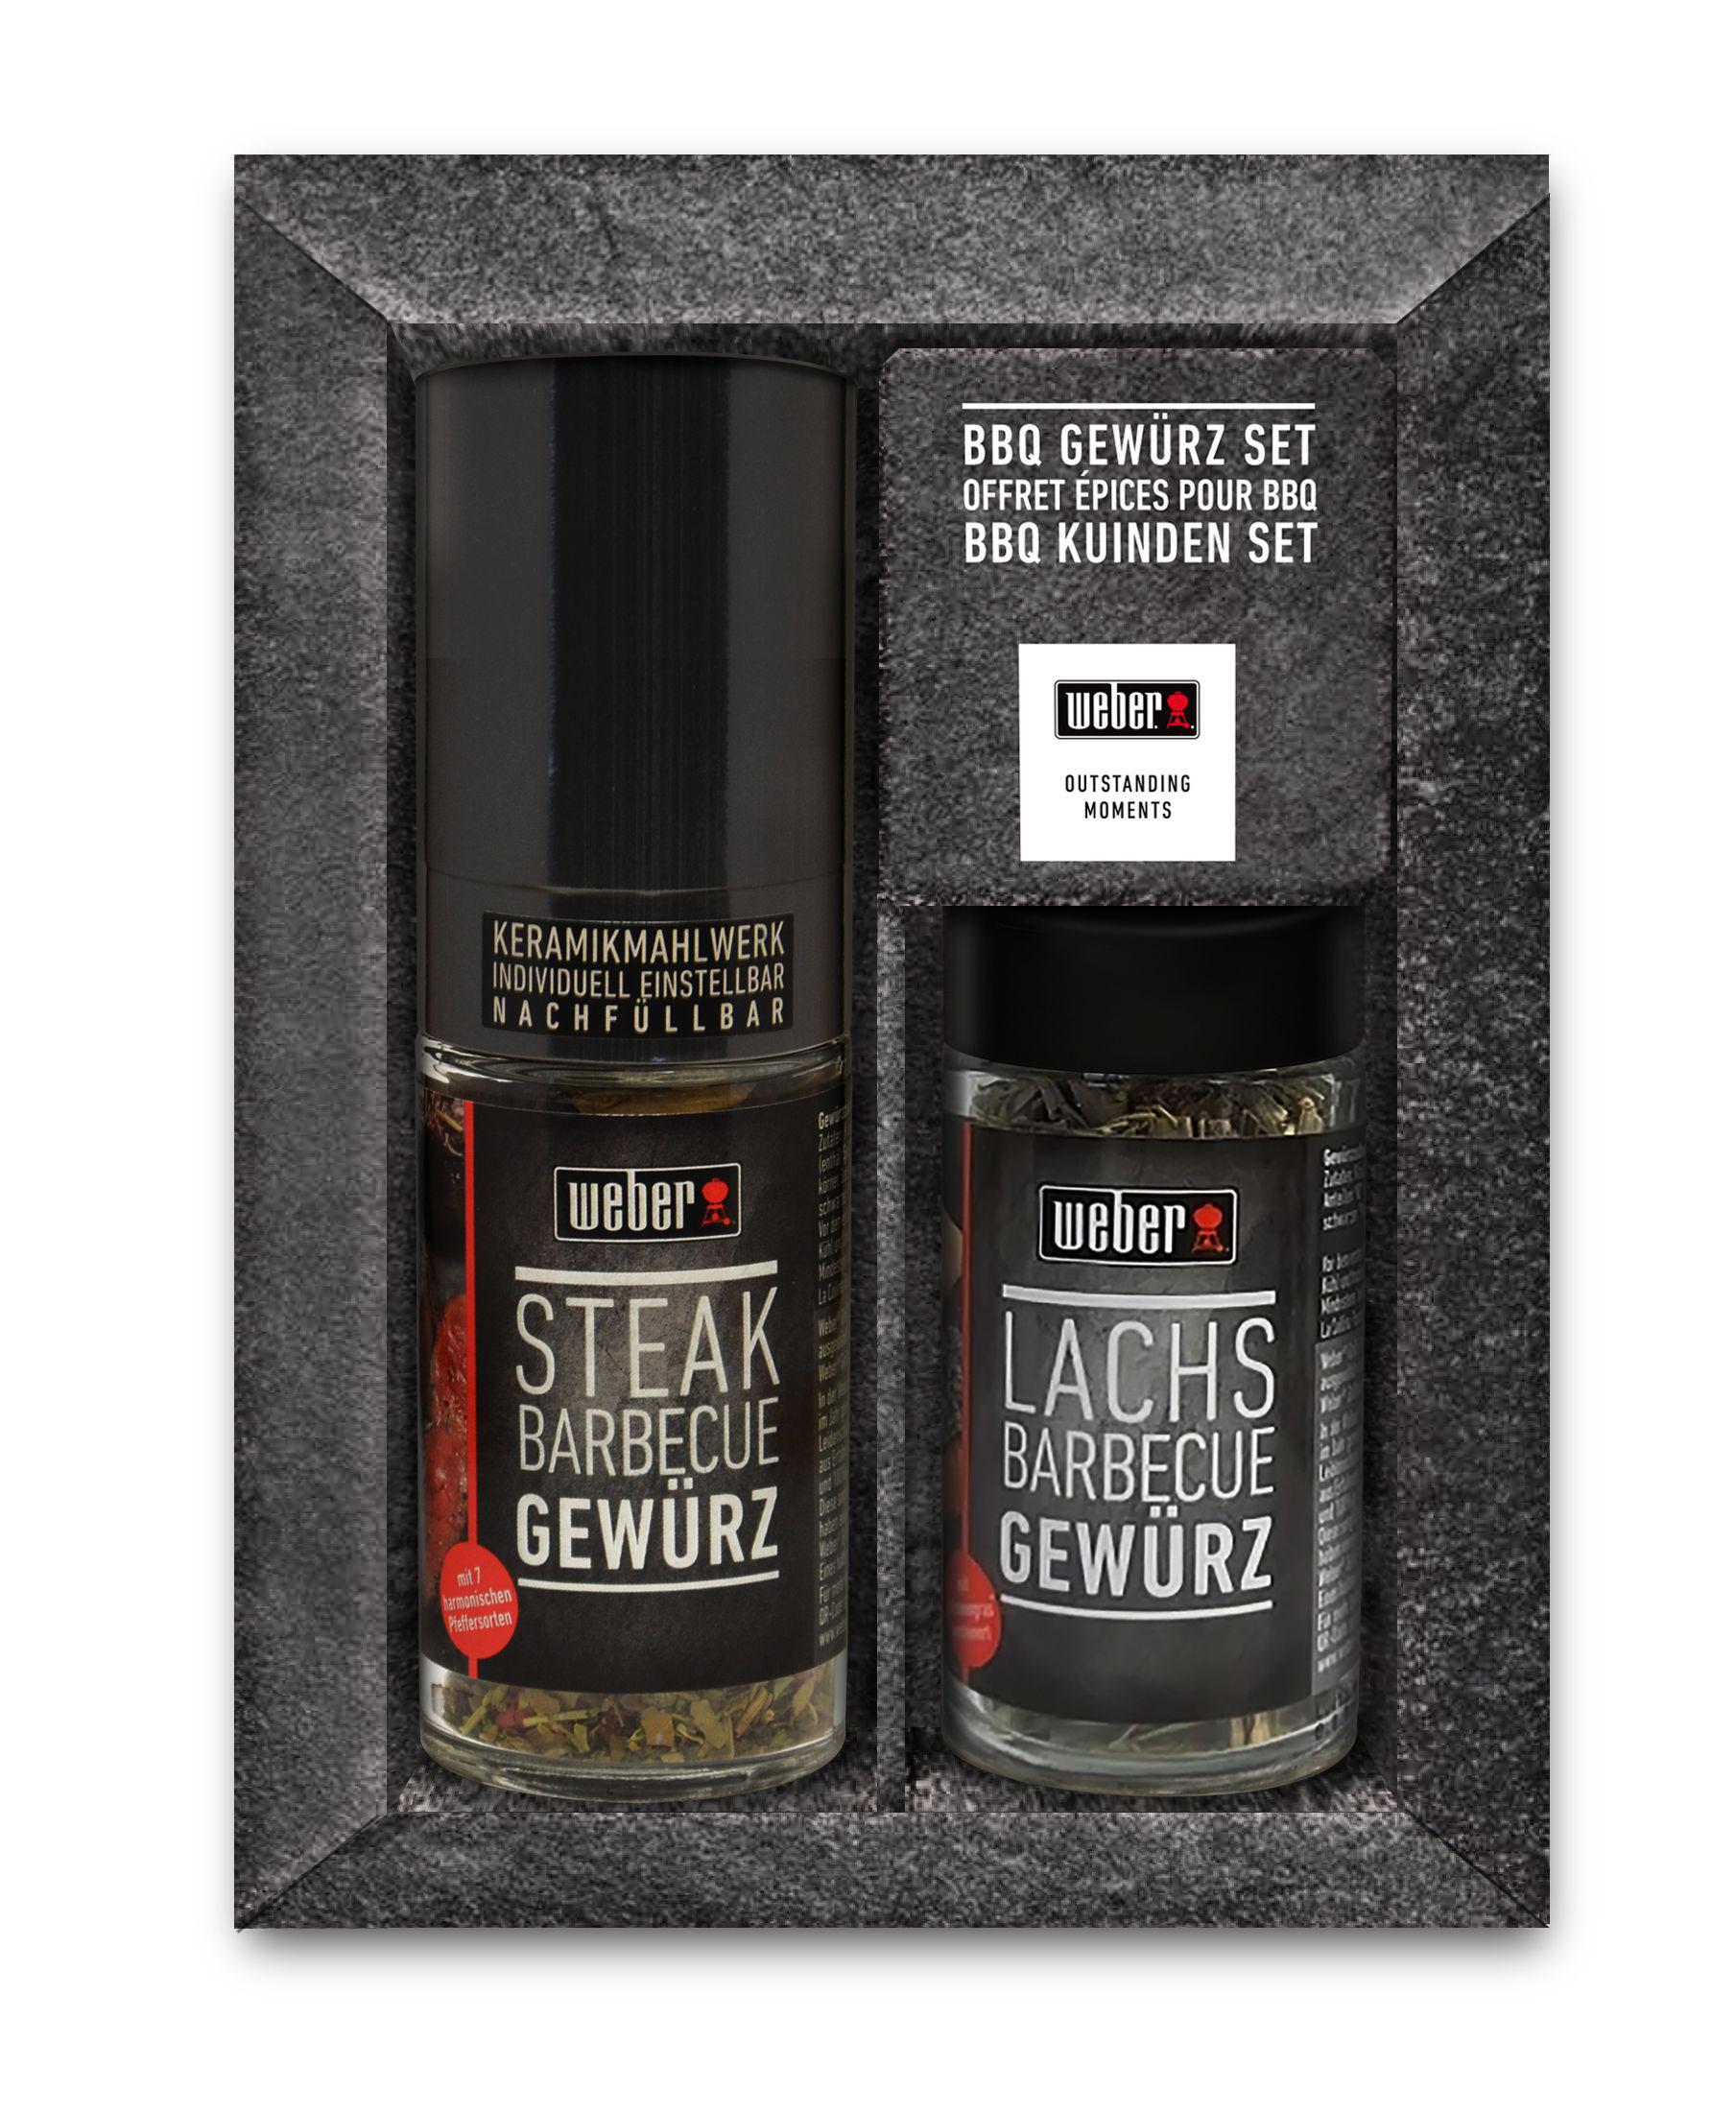 Weber BBQ Gewürz Set / Geschenk Set 2-teilig Steak / Lachs Bild 1